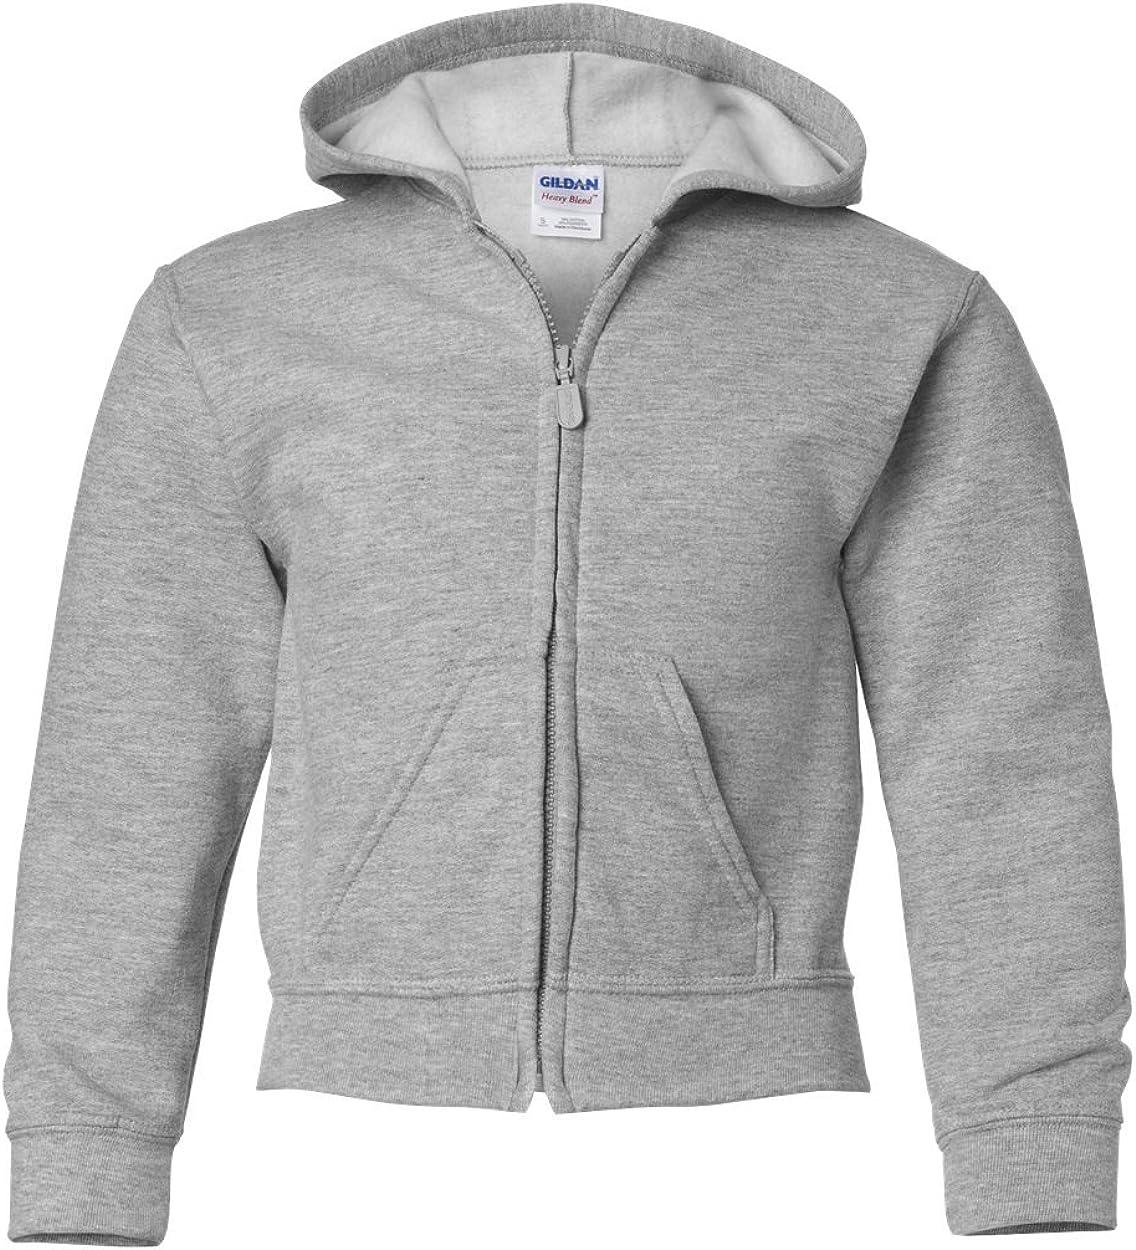 Heavy Blend Full Zip Hooded Sweatshirt (G186B) Grey, M (Pack of 12)